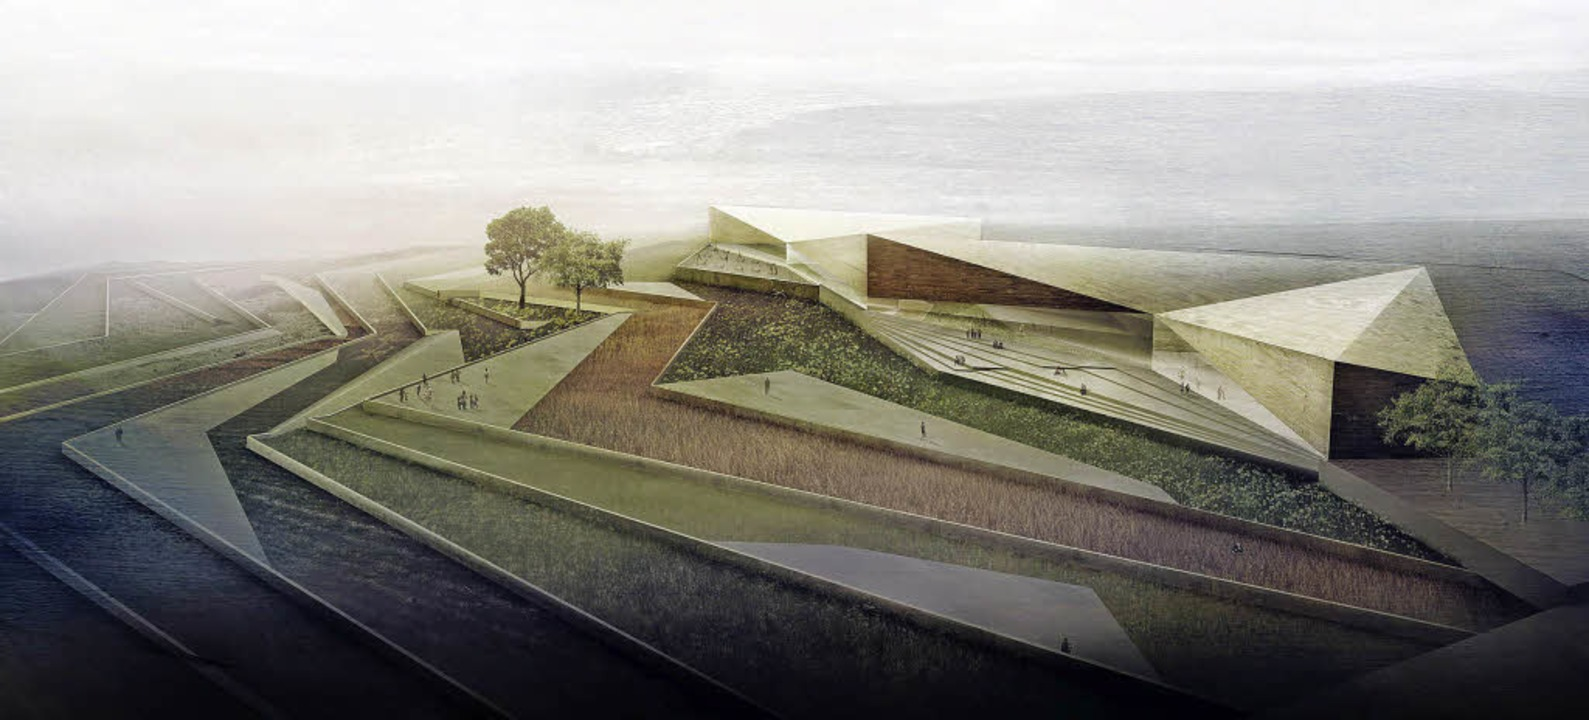 Terrassenanlage: So soll das Palästinensische Museum einmal aussehen.  | Foto: Heneghan Peng